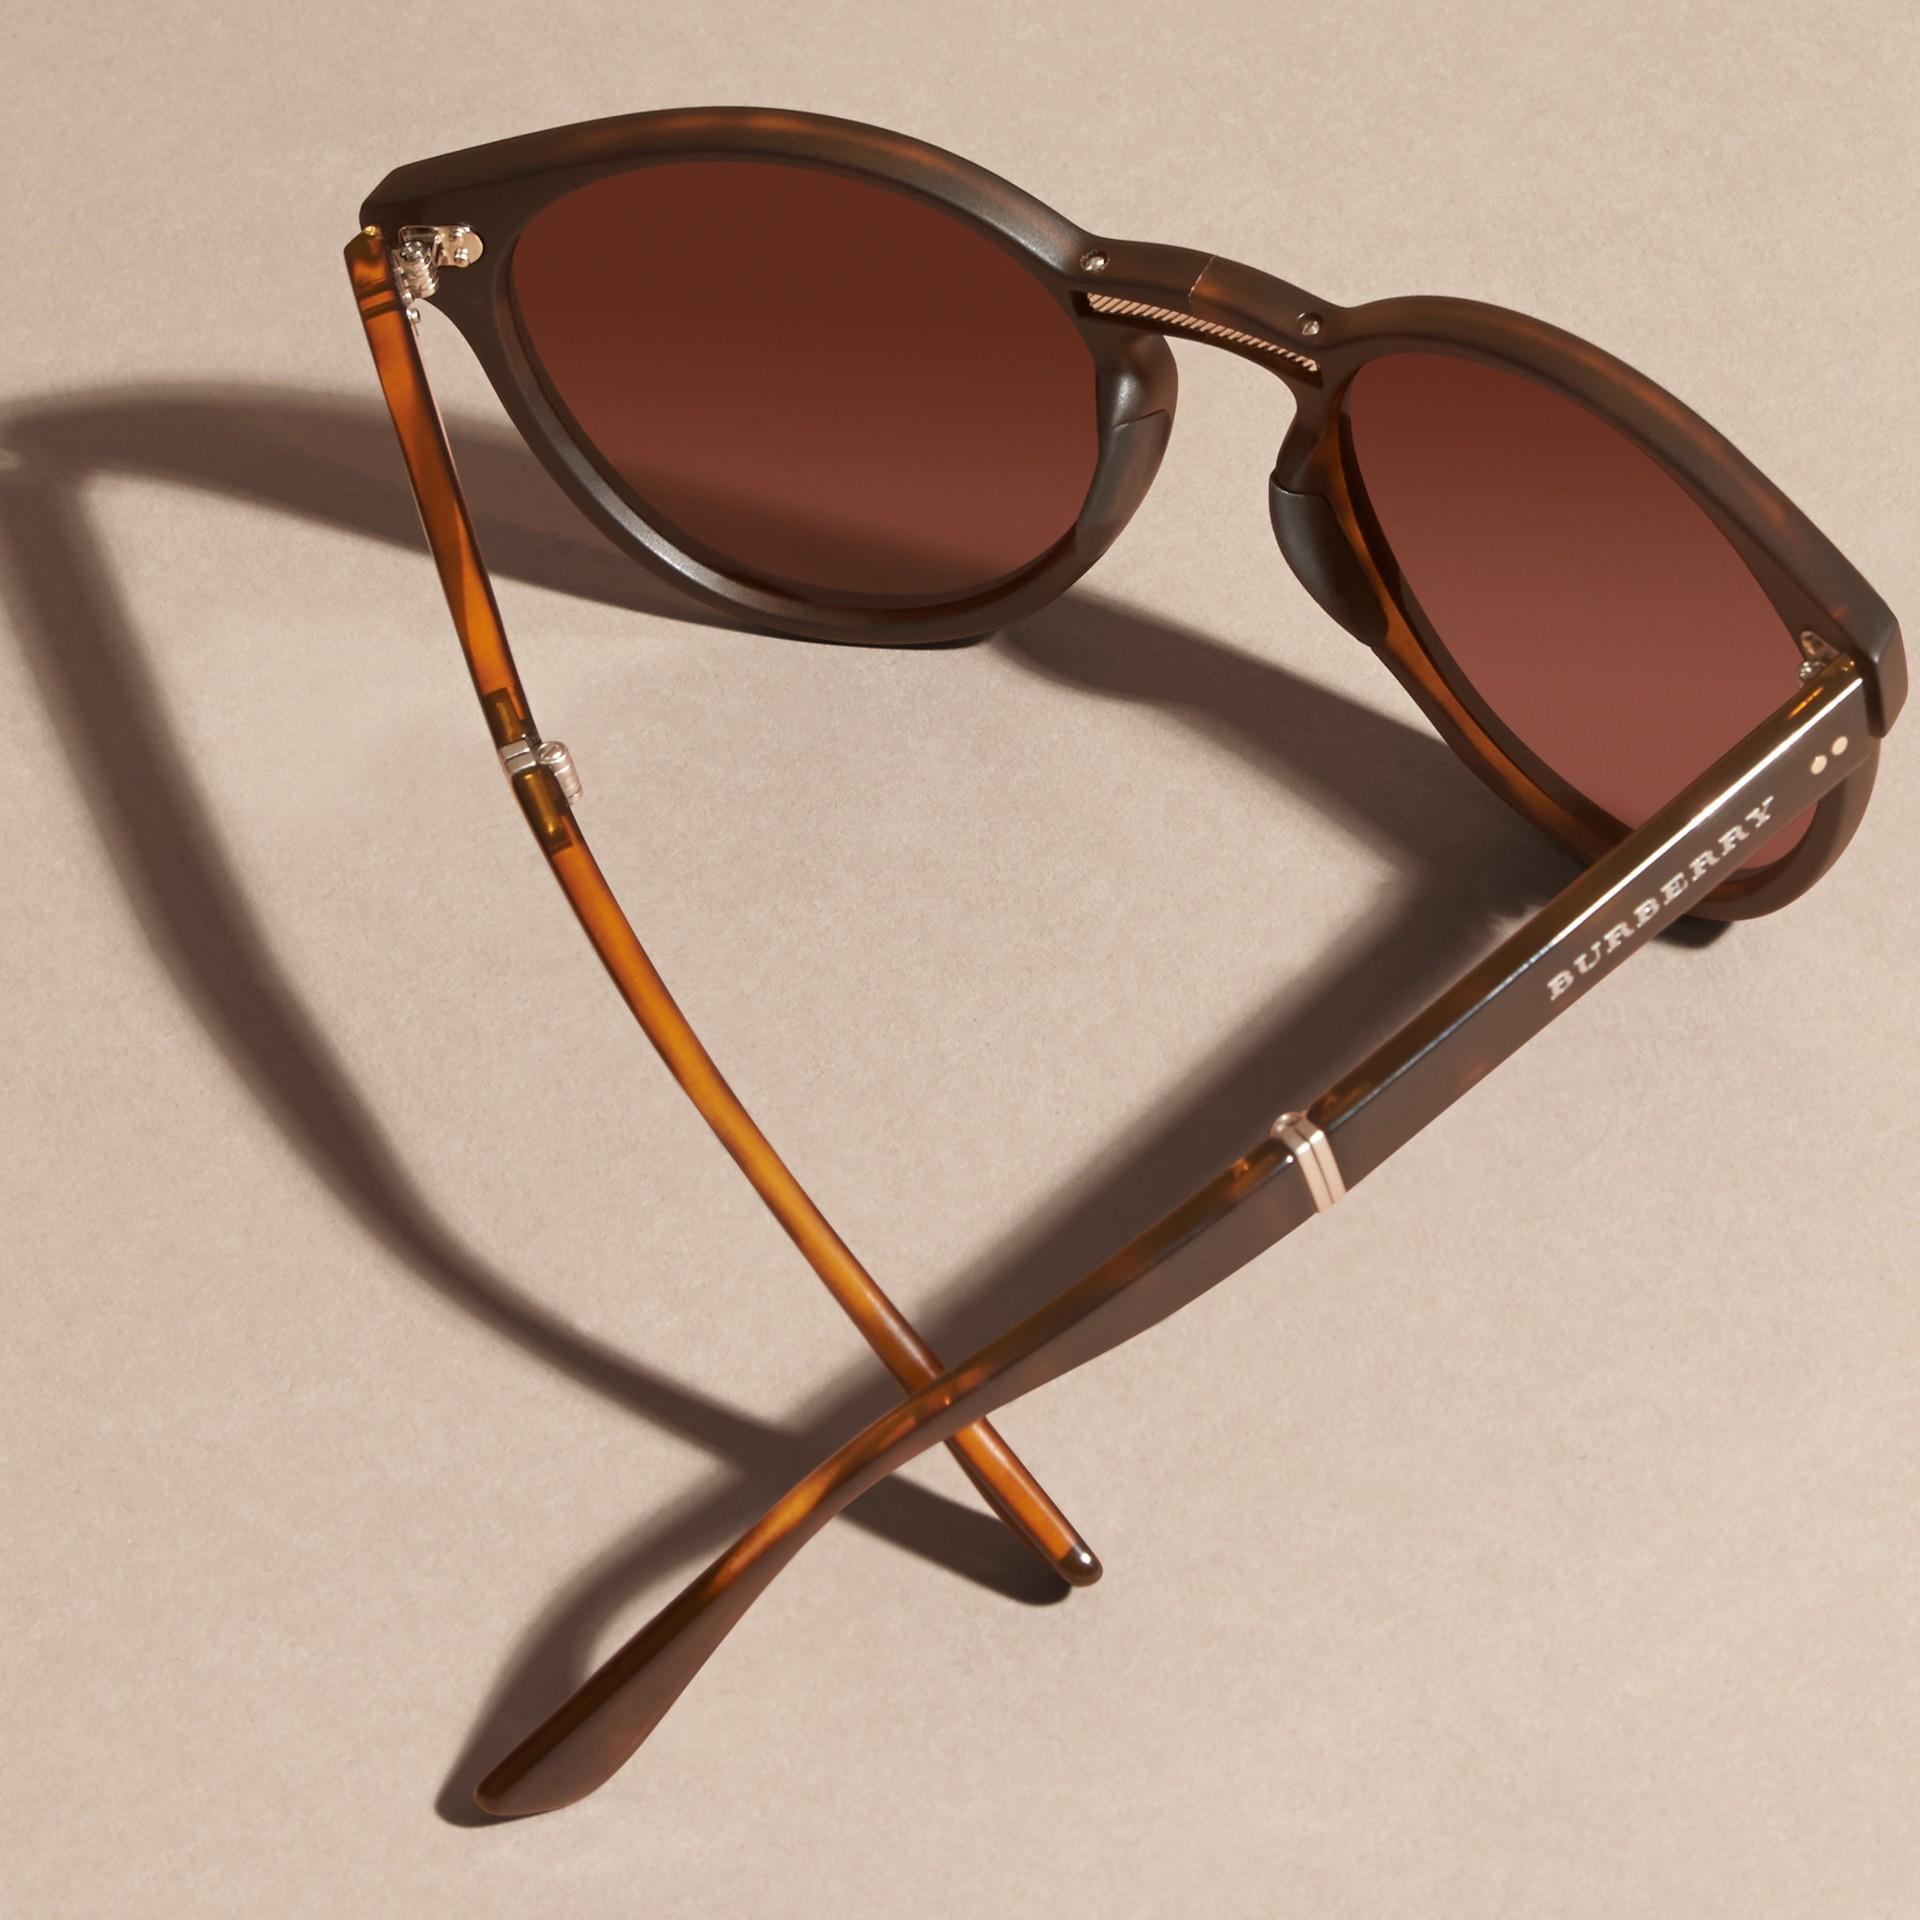 Tartarugato Occhiali da sole con montatura tonda pieghevole Tartarugato - immagine della galleria 5